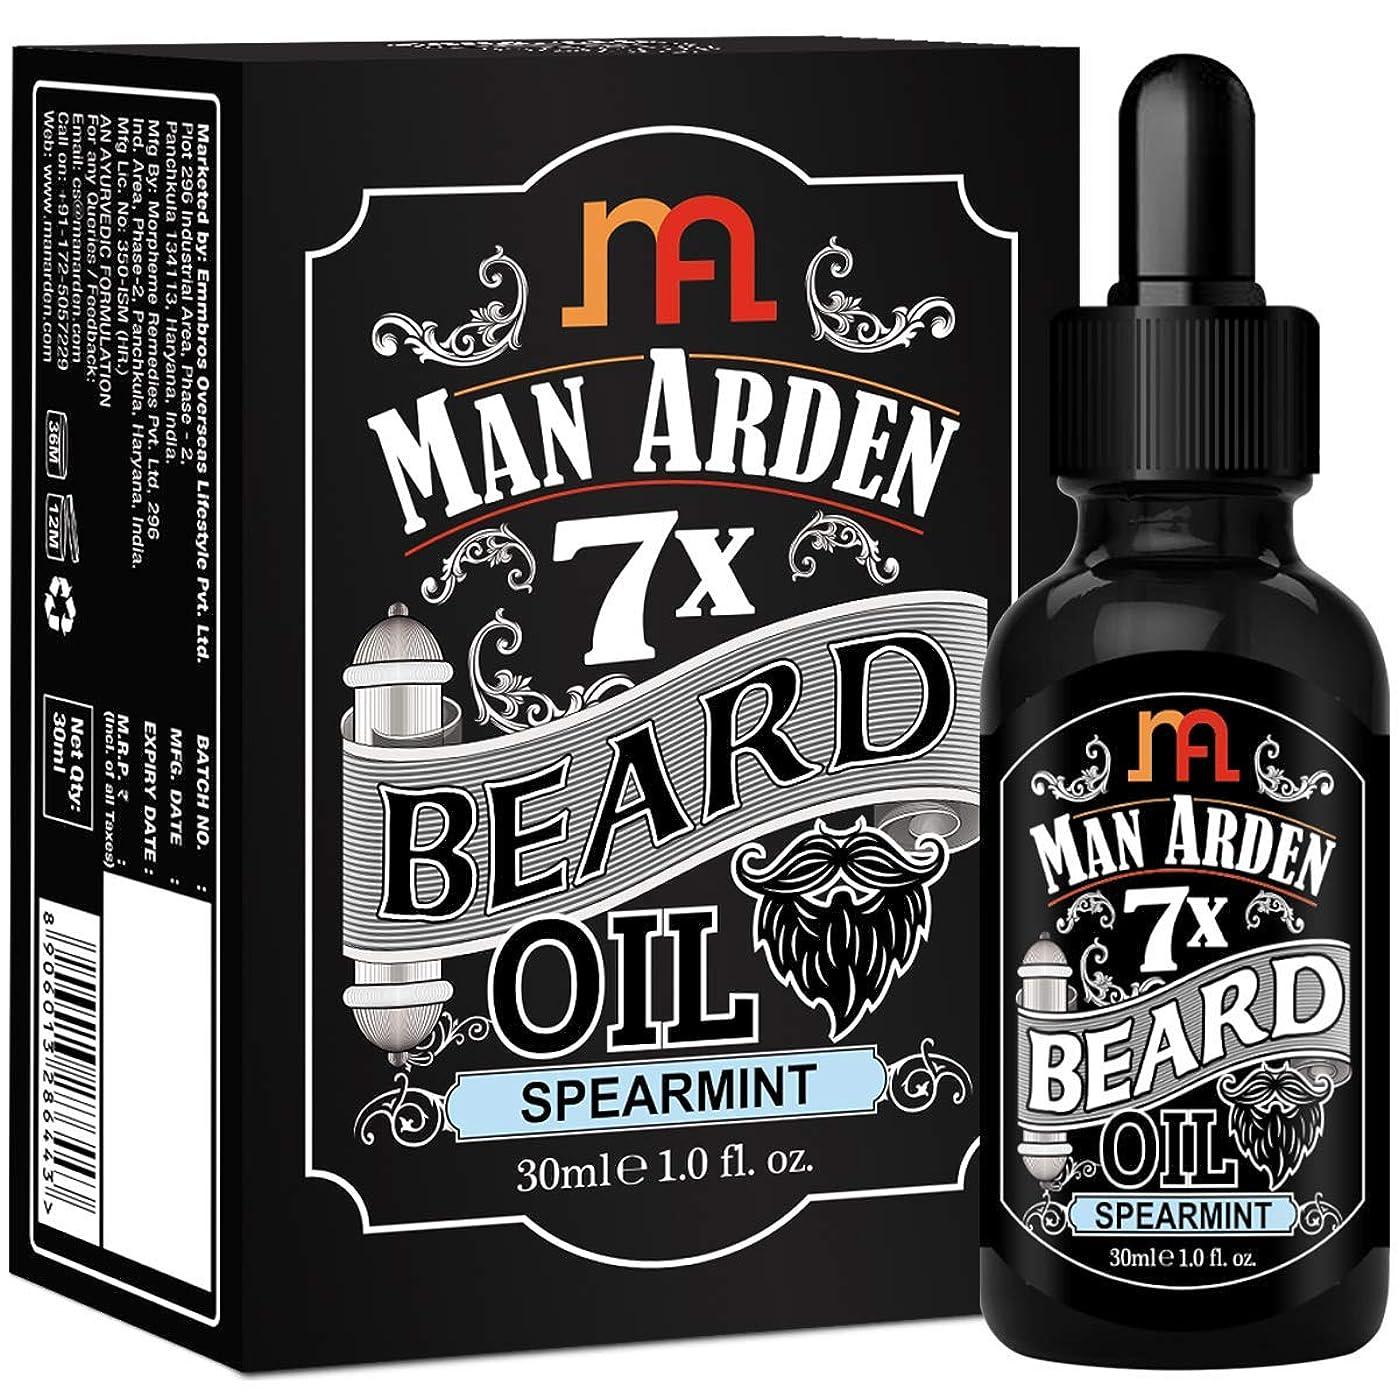 おしゃれな代名詞慢性的Man Arden 7X Beard Oil 30ml (Spearmint) - 7 Premium Oils For Beard Growth & Nourishment